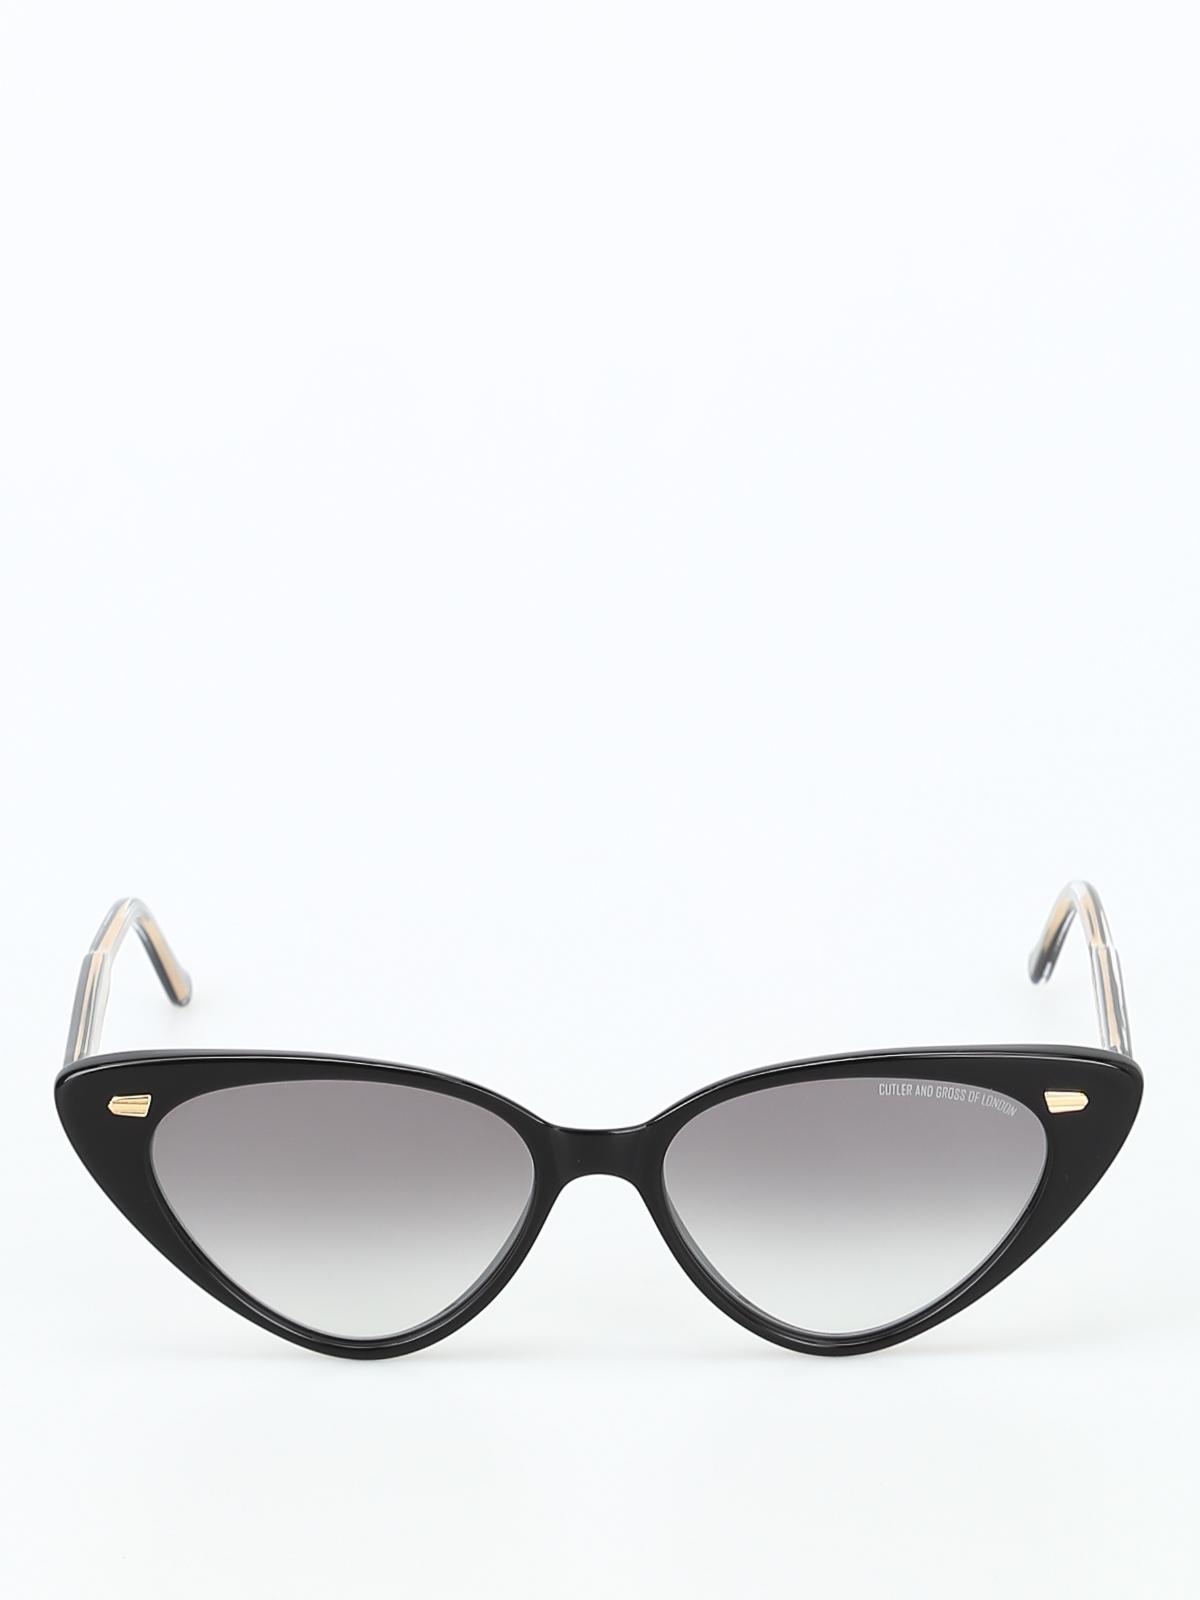 50c2db4856f iKRIX CUTLER AND GROSS  sunglasses - Super trendy faded lens cat-eye  sunglasses